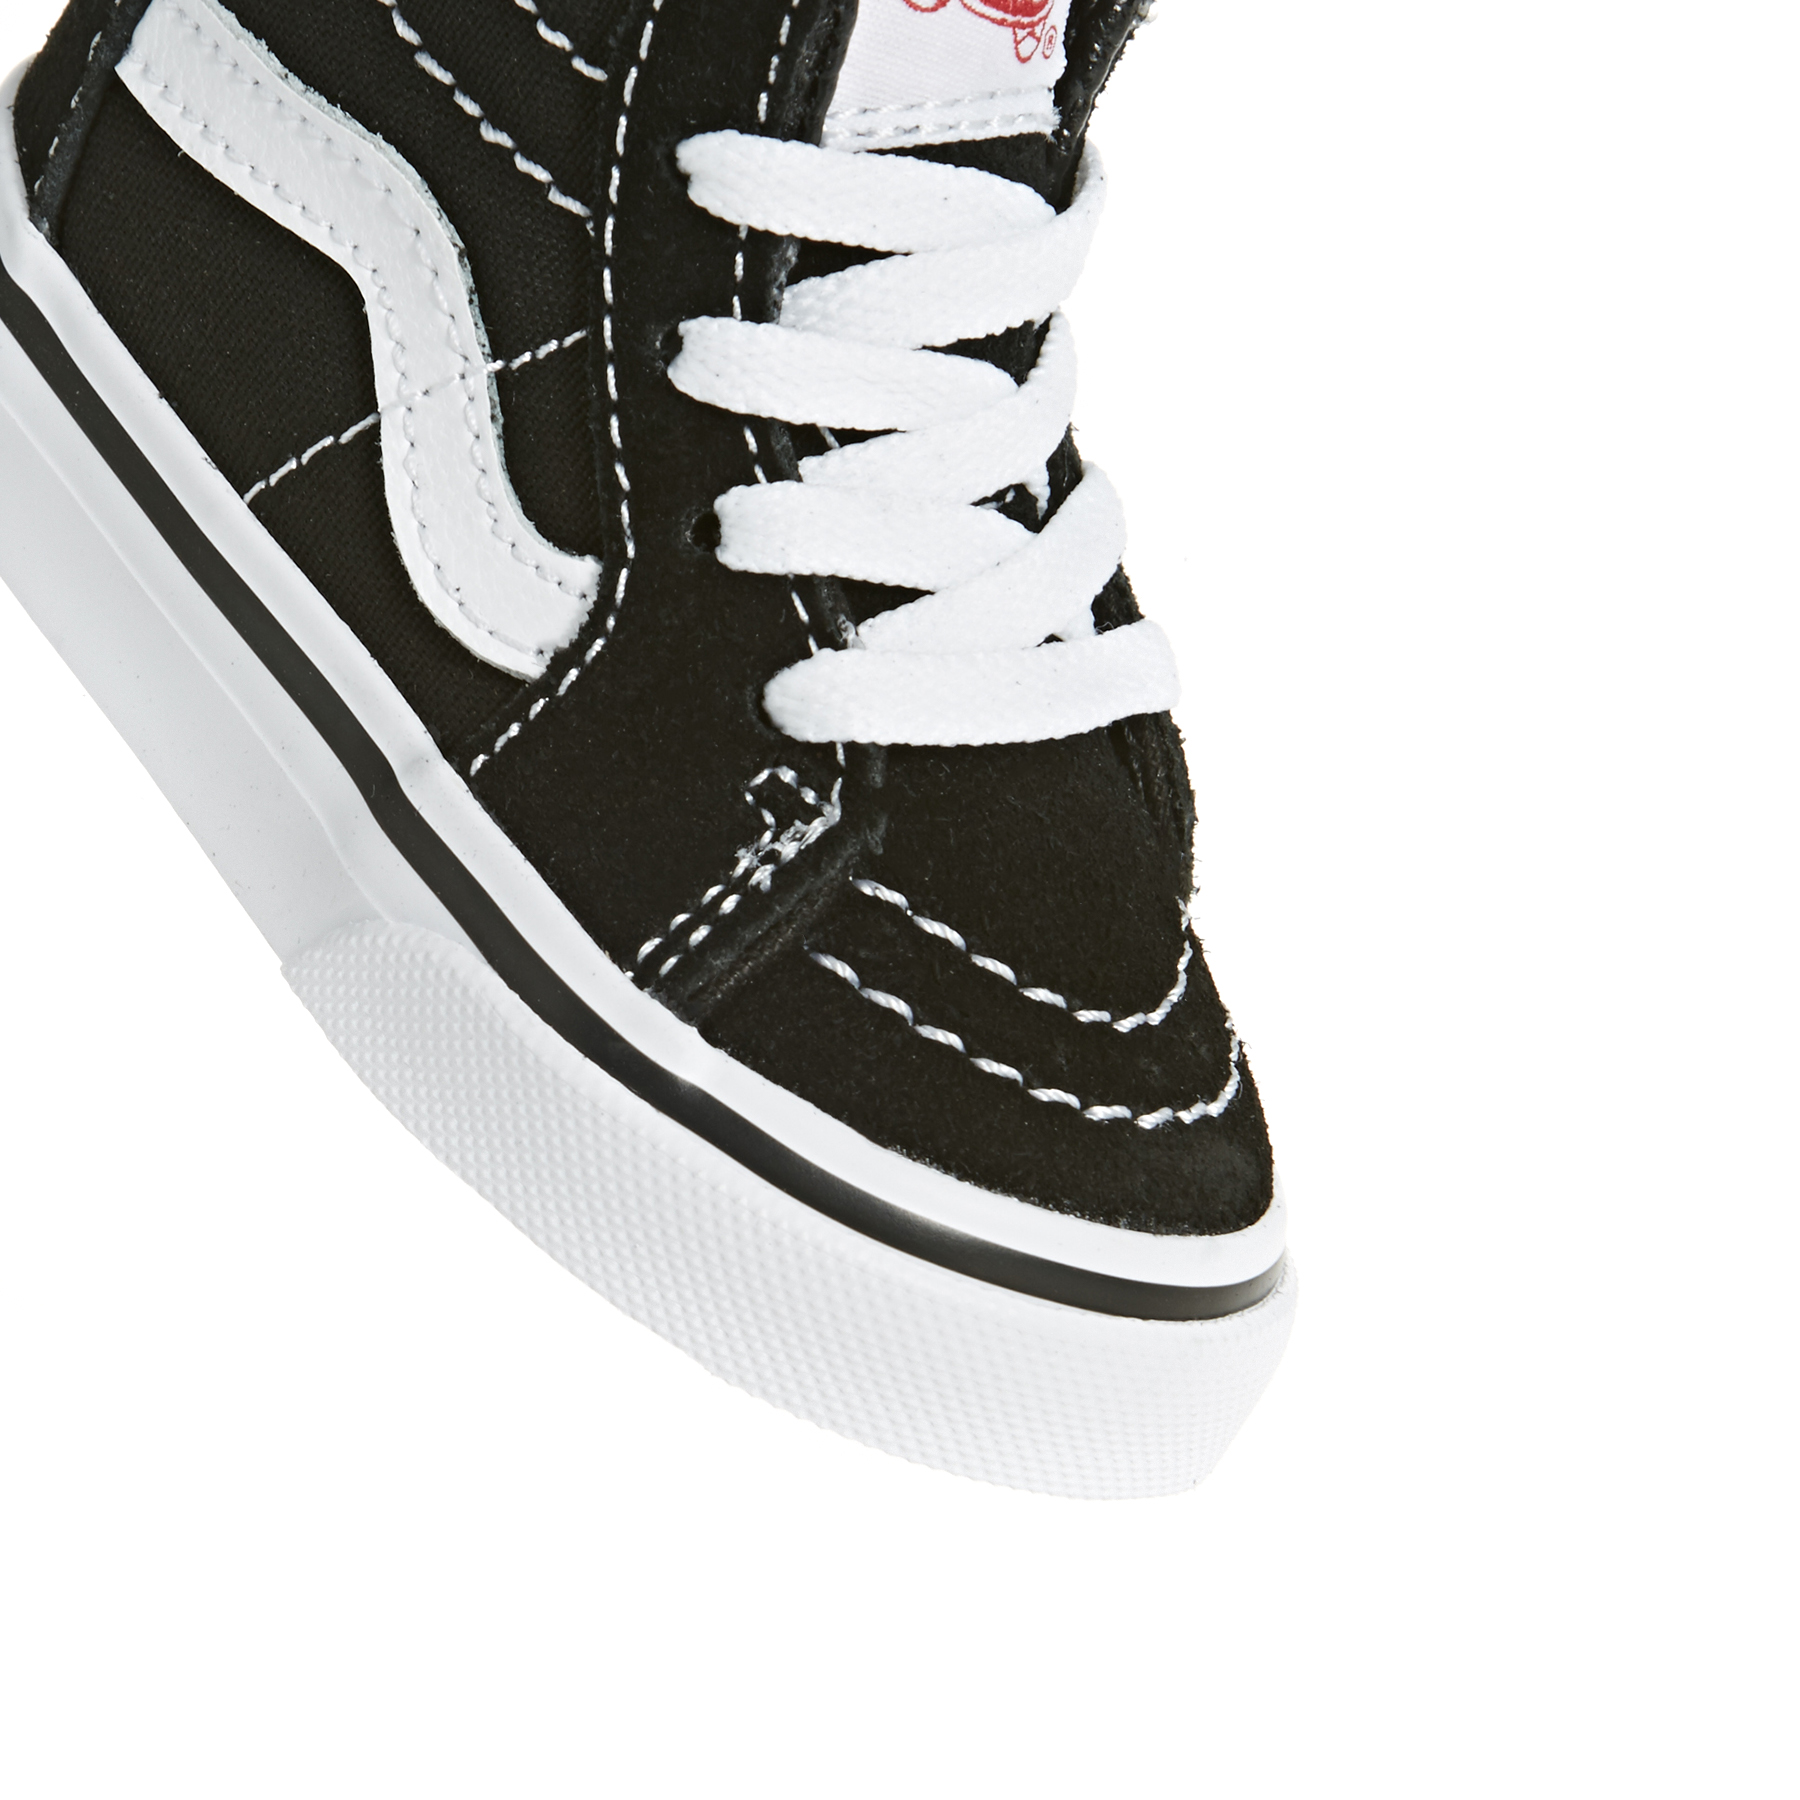 Vans SK8 Hi Kinder Kleinkind Schuhe | Kostenlose Lieferung